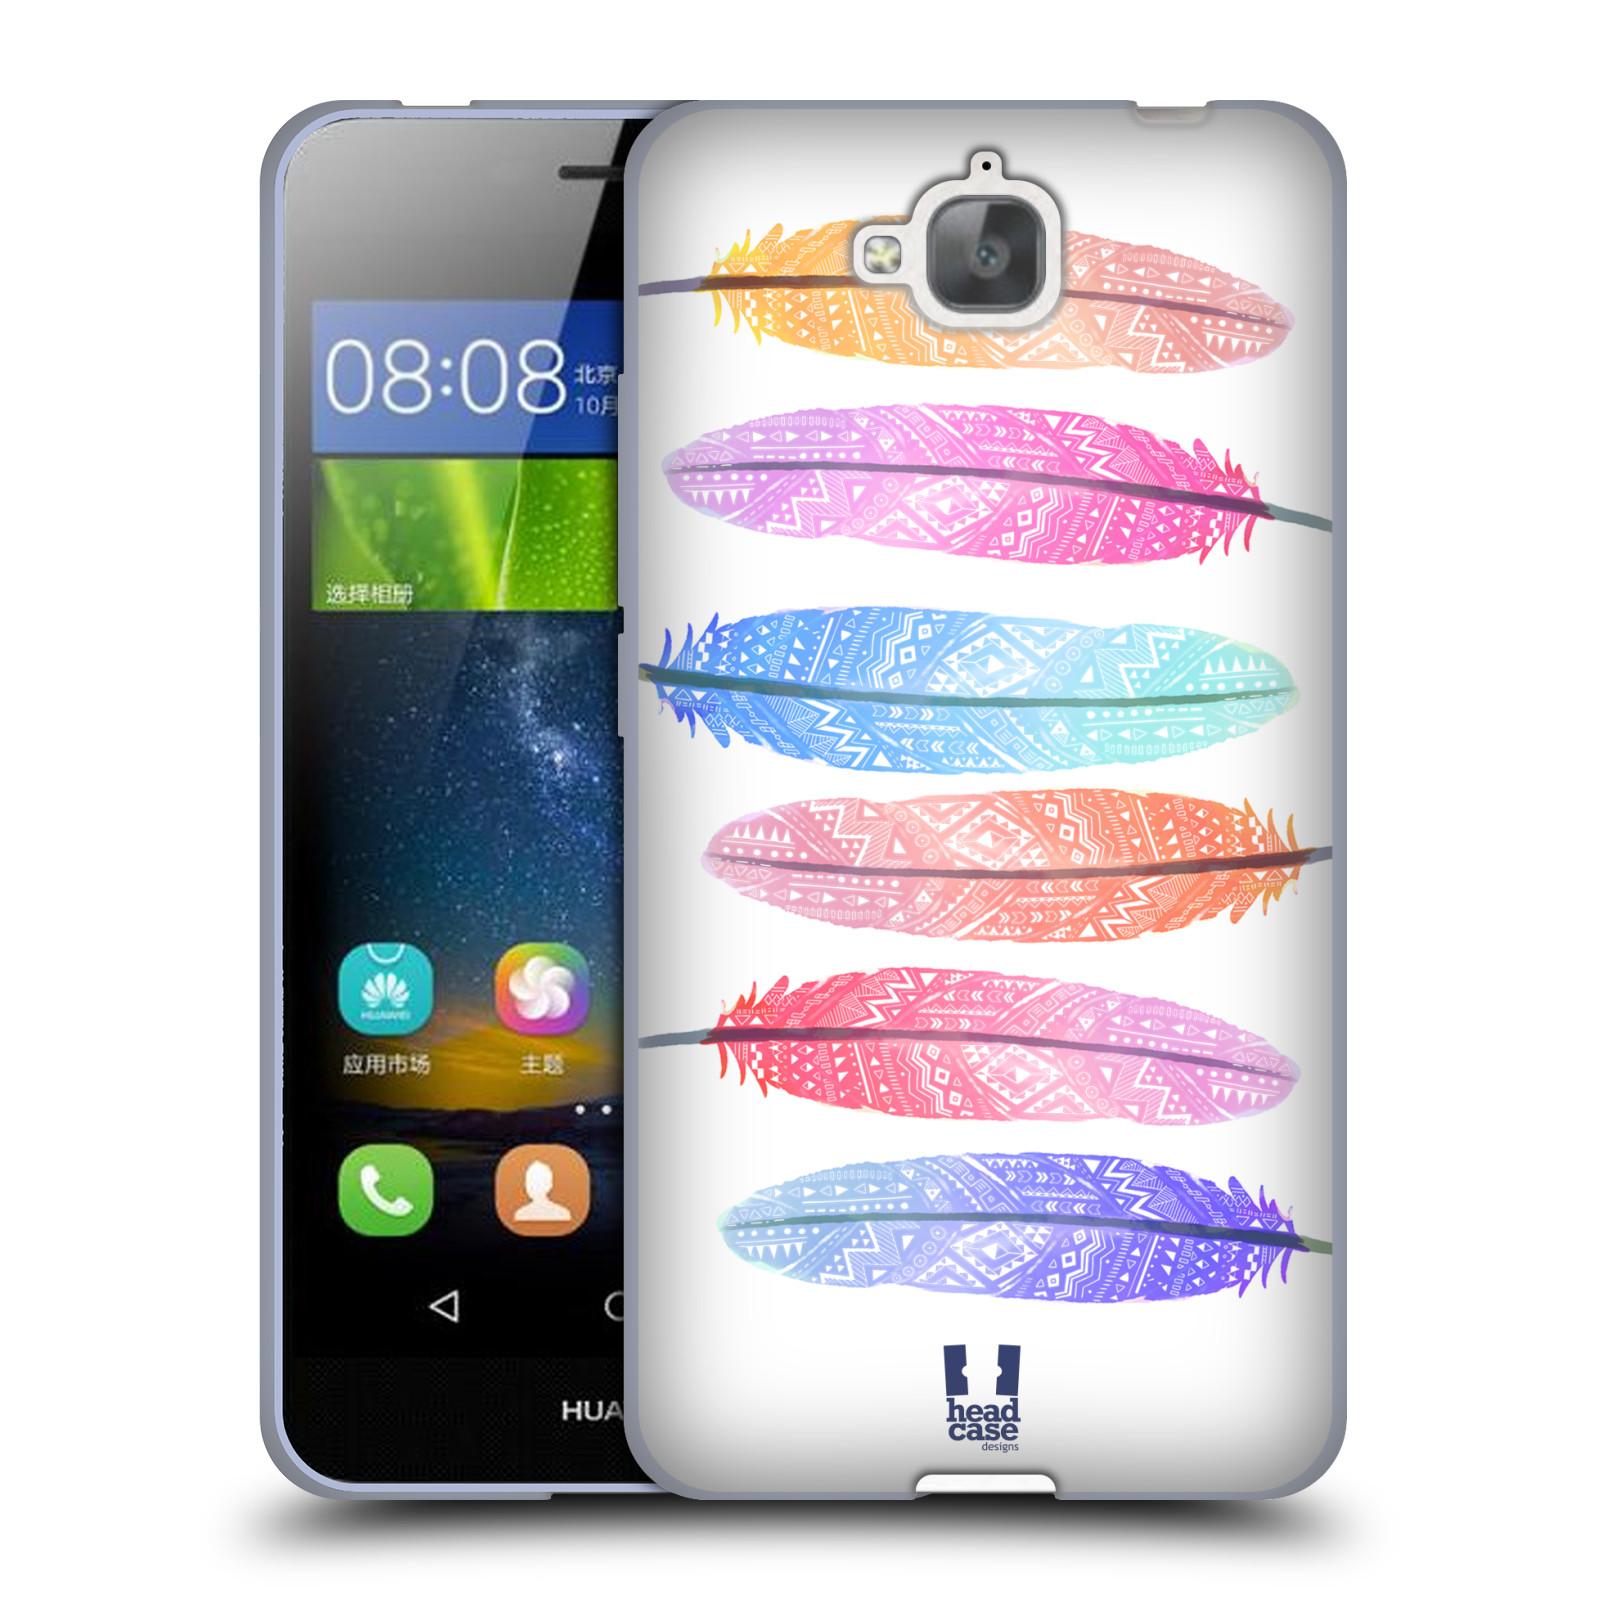 Silikonové pouzdro na mobil Huawei Y6 Pro Dual Sim HEAD CASE AZTEC PÍRKA SILUETY